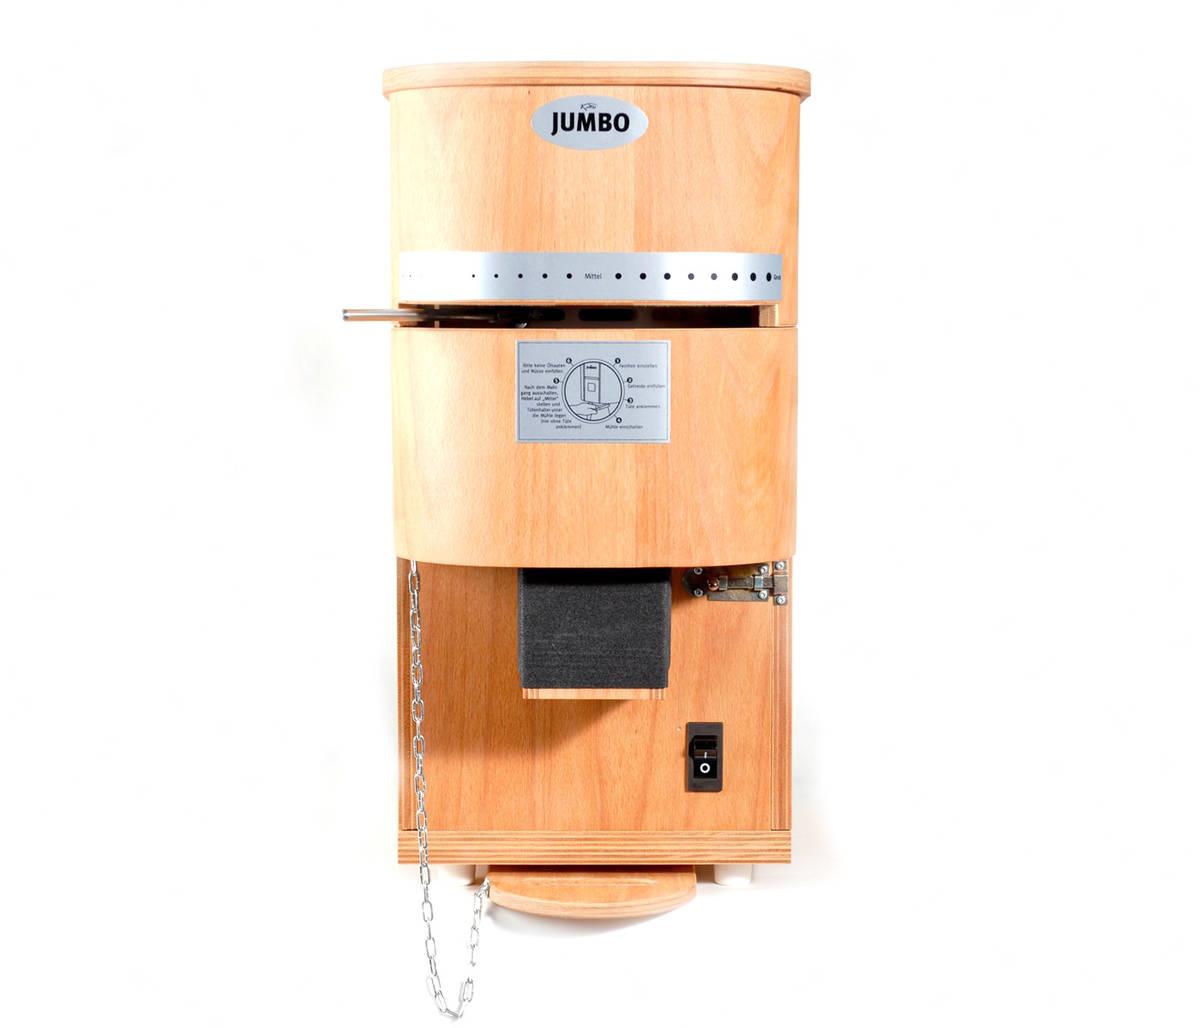 Komo Jumbo commercial grain mill